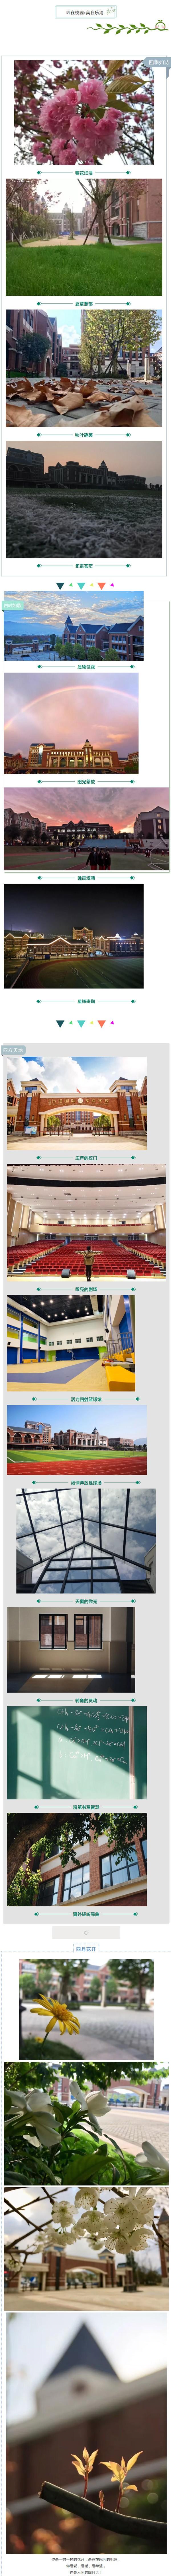 贵阳乐湾国际实验学校家校平台副本.jpg